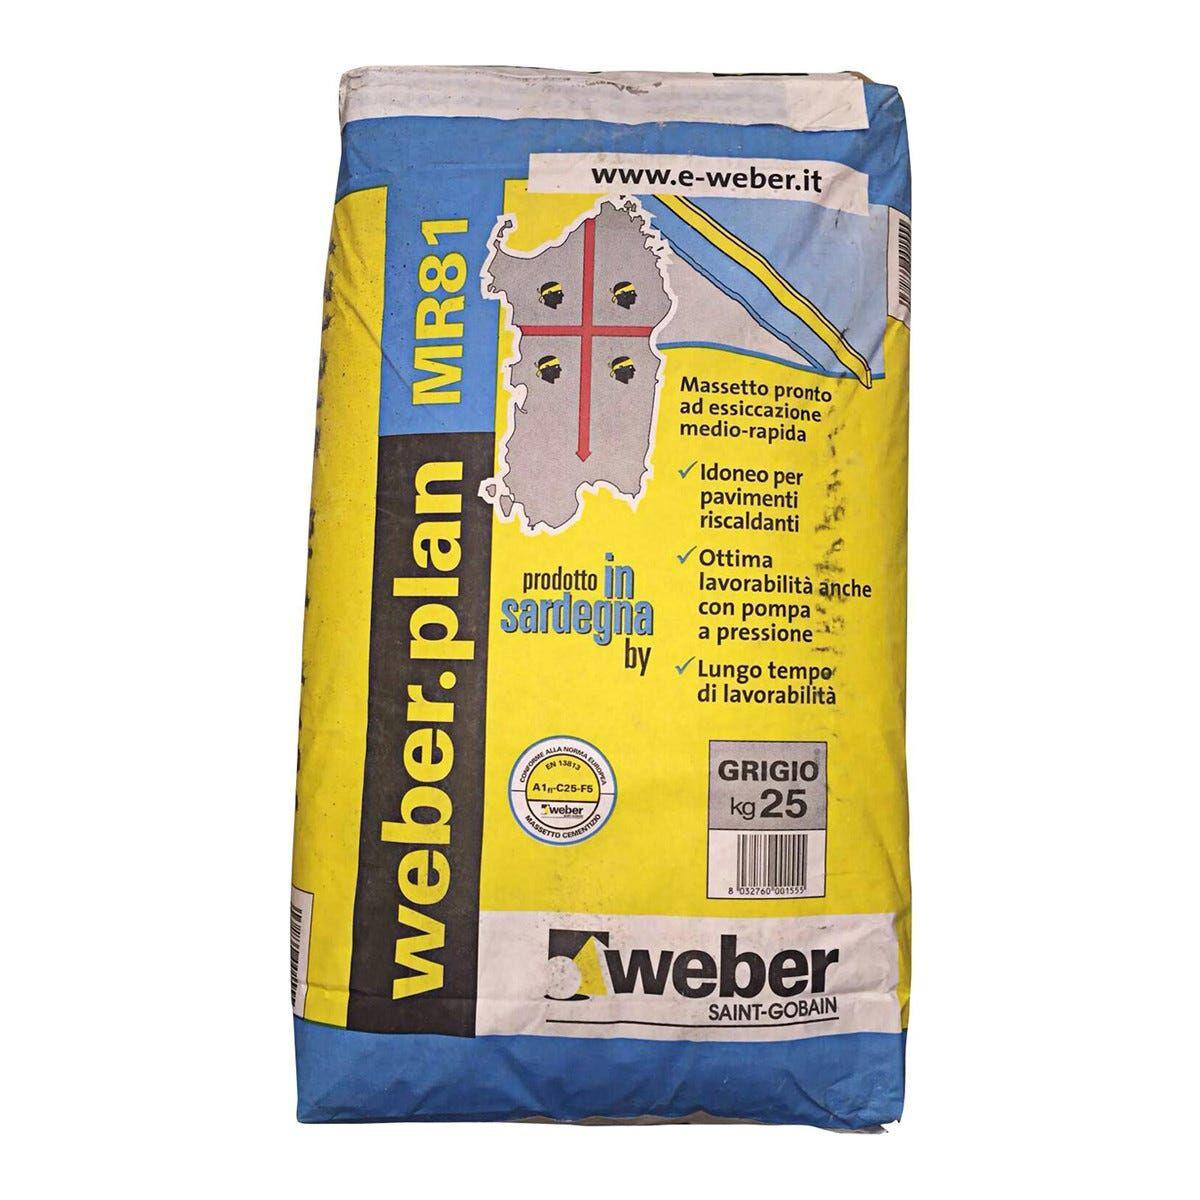 weber massetto pronto weber plan mr81 25 kg posa ceramiche in 24 ore posa del legno 7 giorni